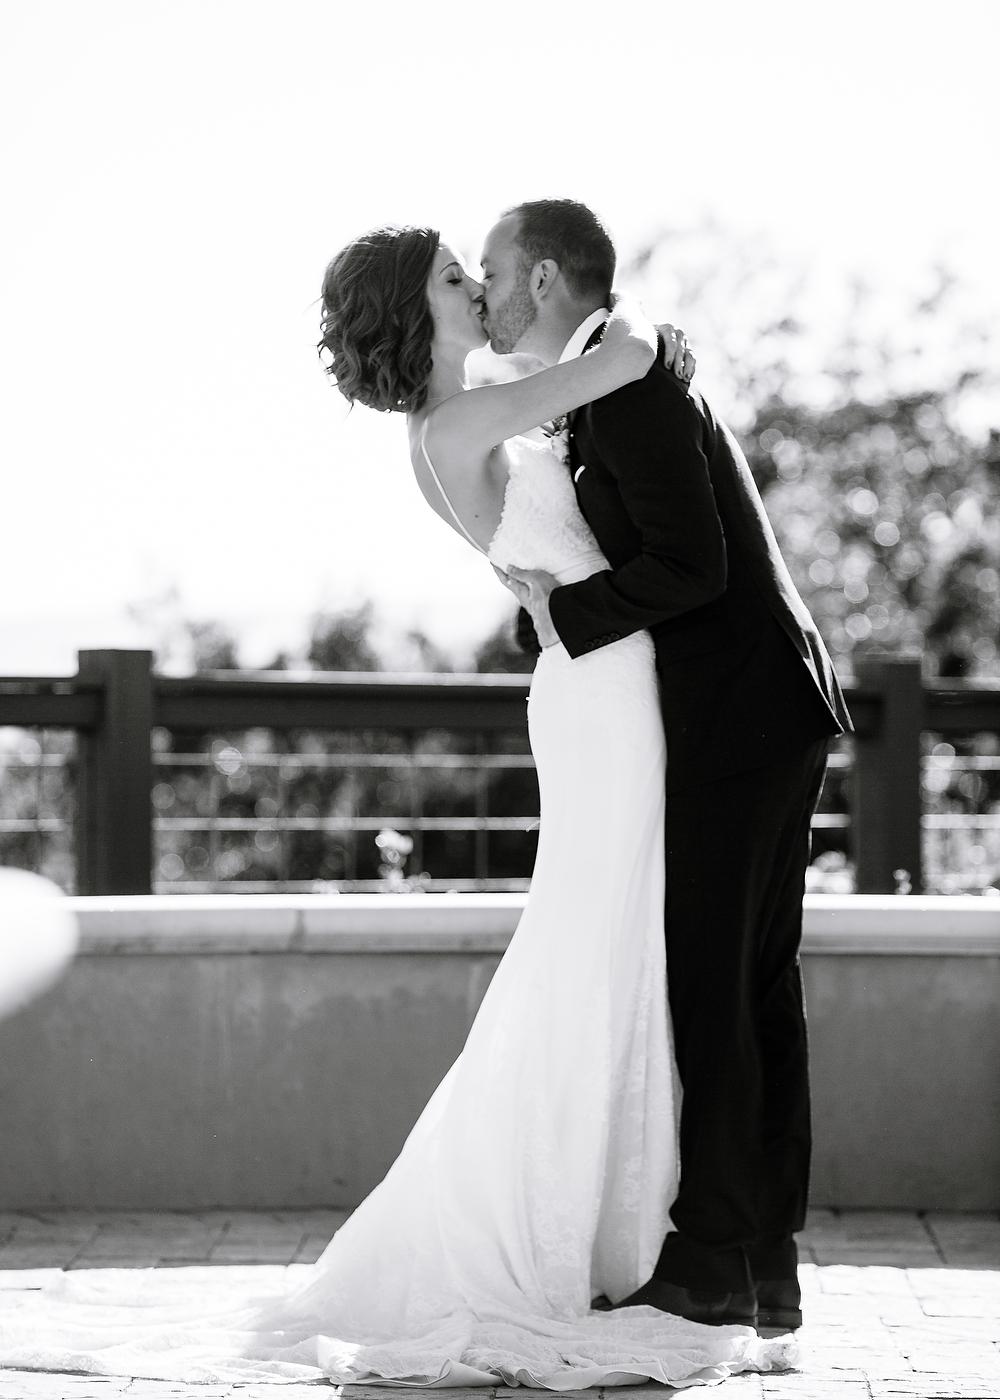 San Francisco Bay Area Wedding Photographer Regale Los Gatos 0065.JPG